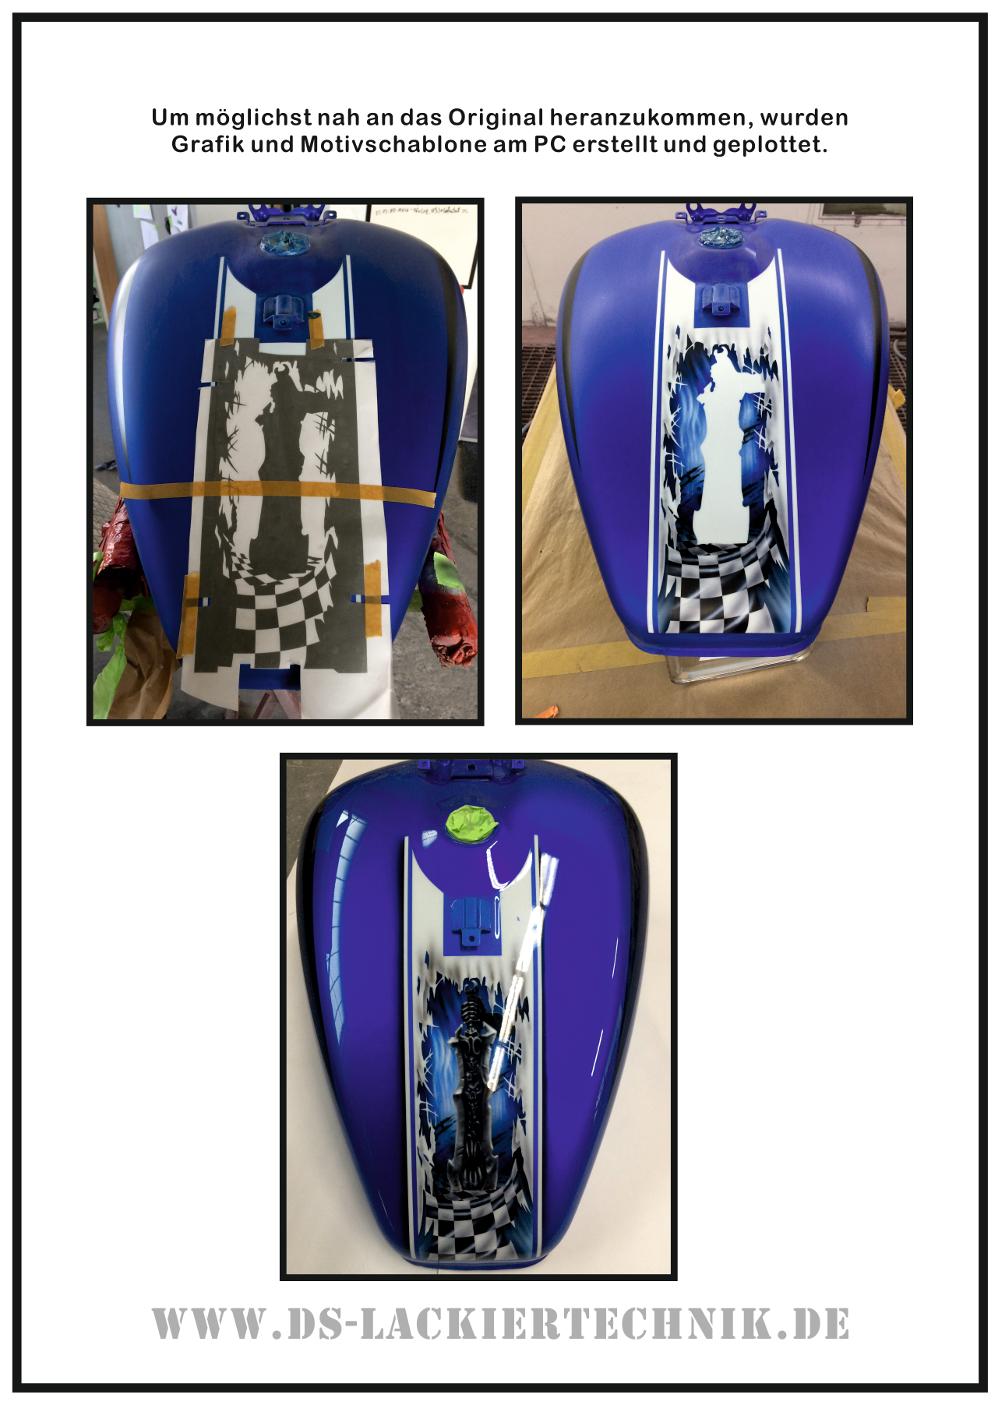 Motorrad Airbrush! Unfallschaden, Airbrush komplett erneuert 10 Motorrad Airbrush